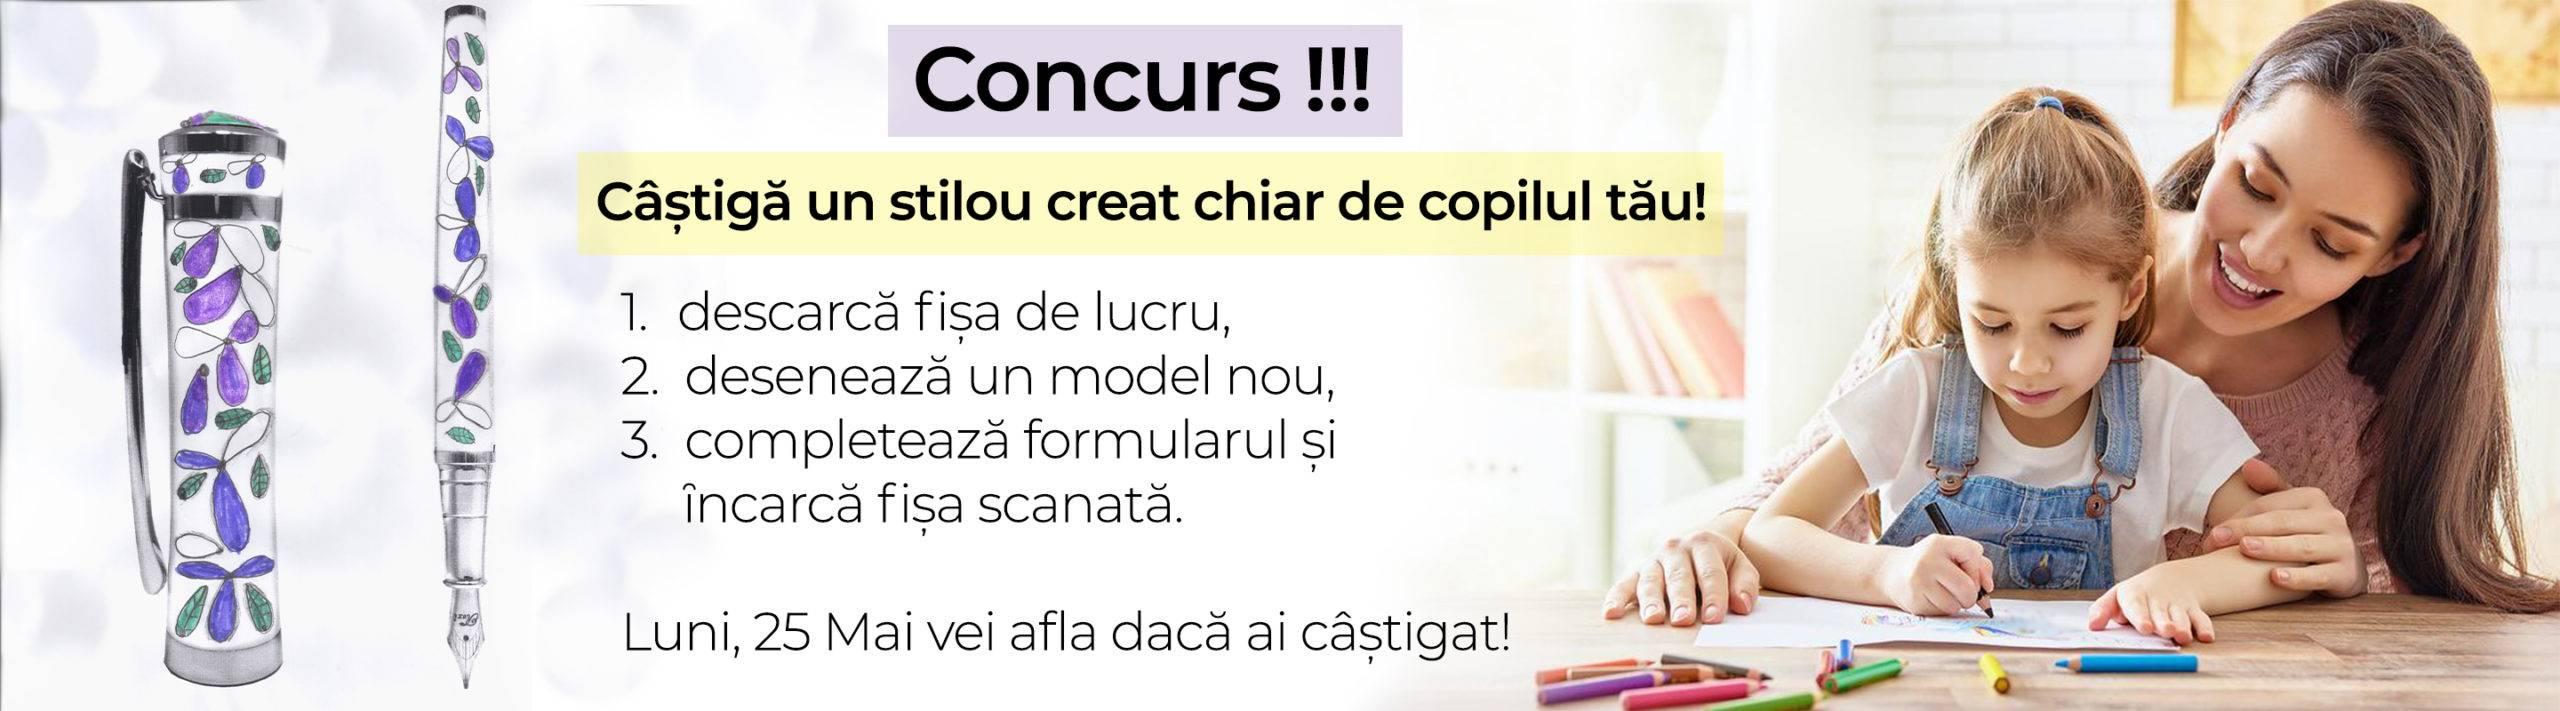 concurs_1iunie